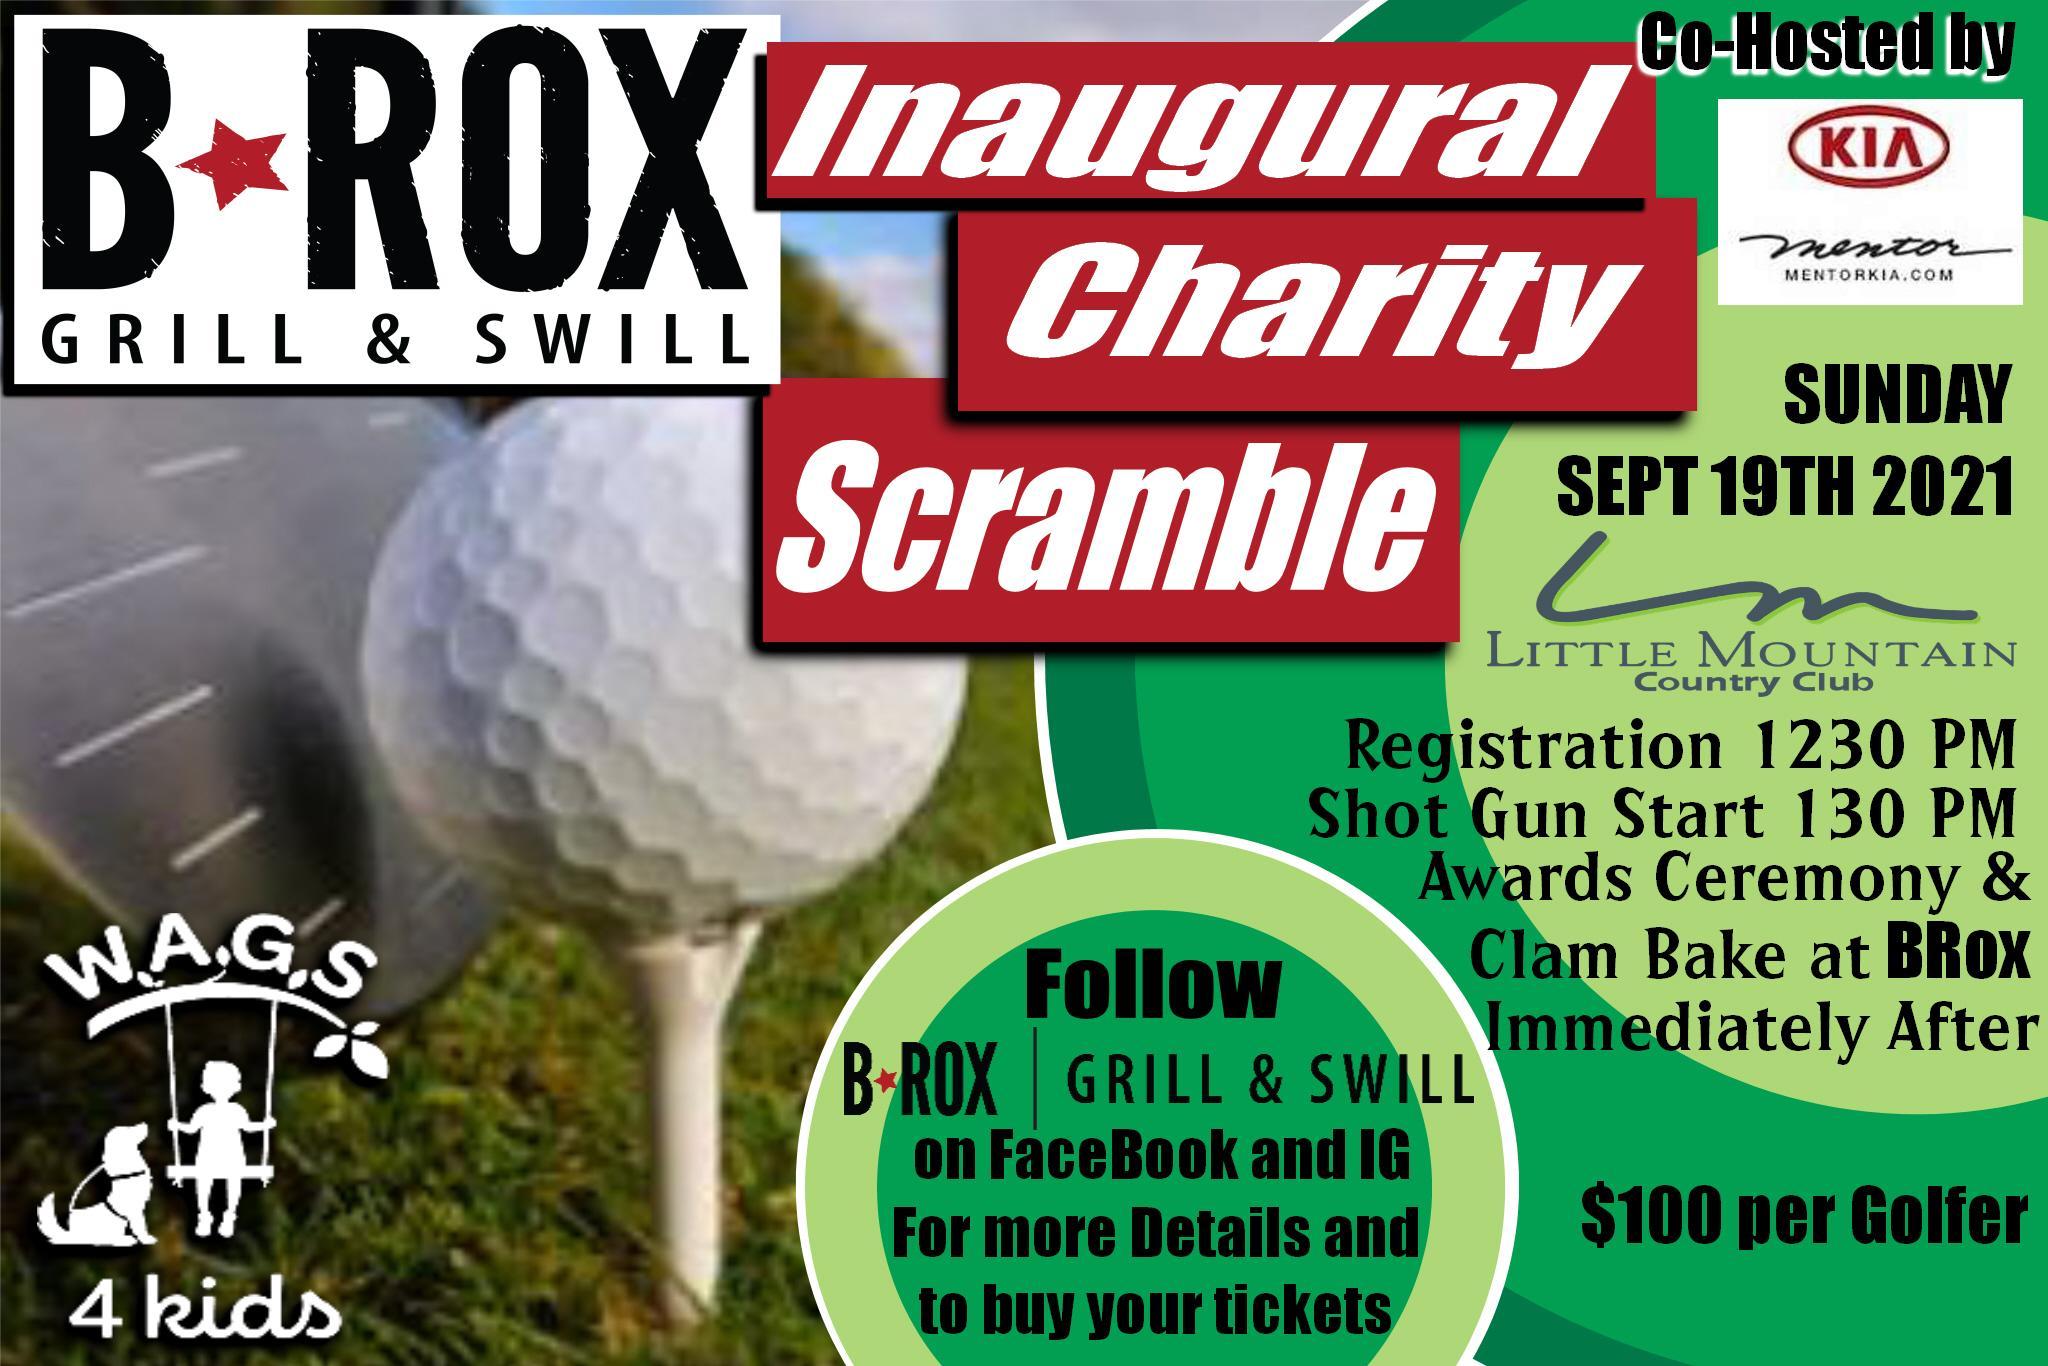 B Rox Inaugural Charity Golf Scramble